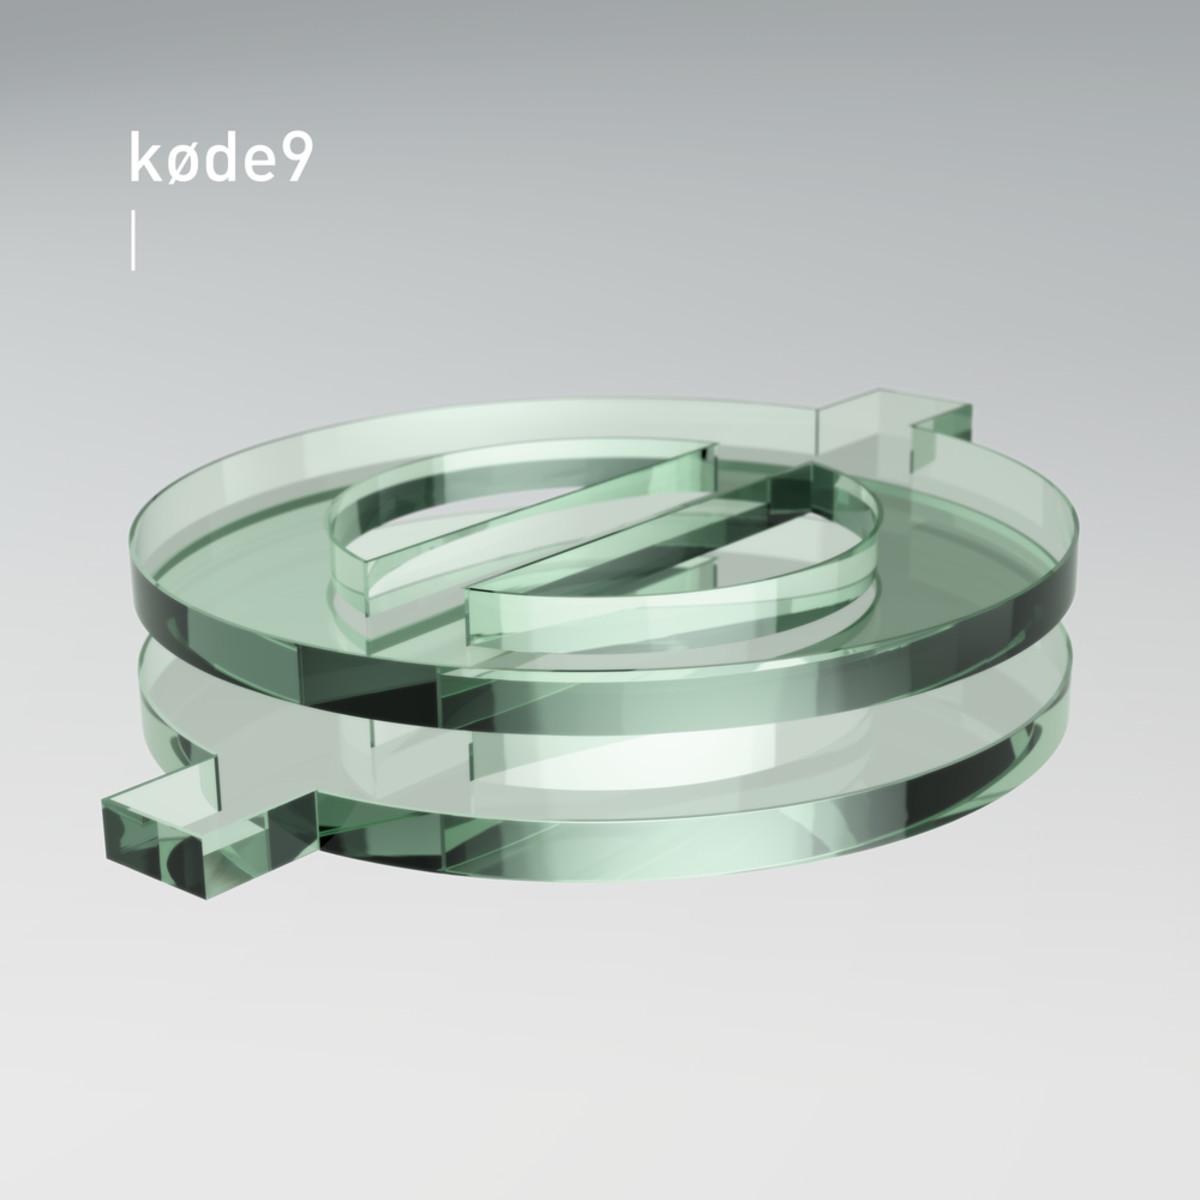 Kode9 Nothing